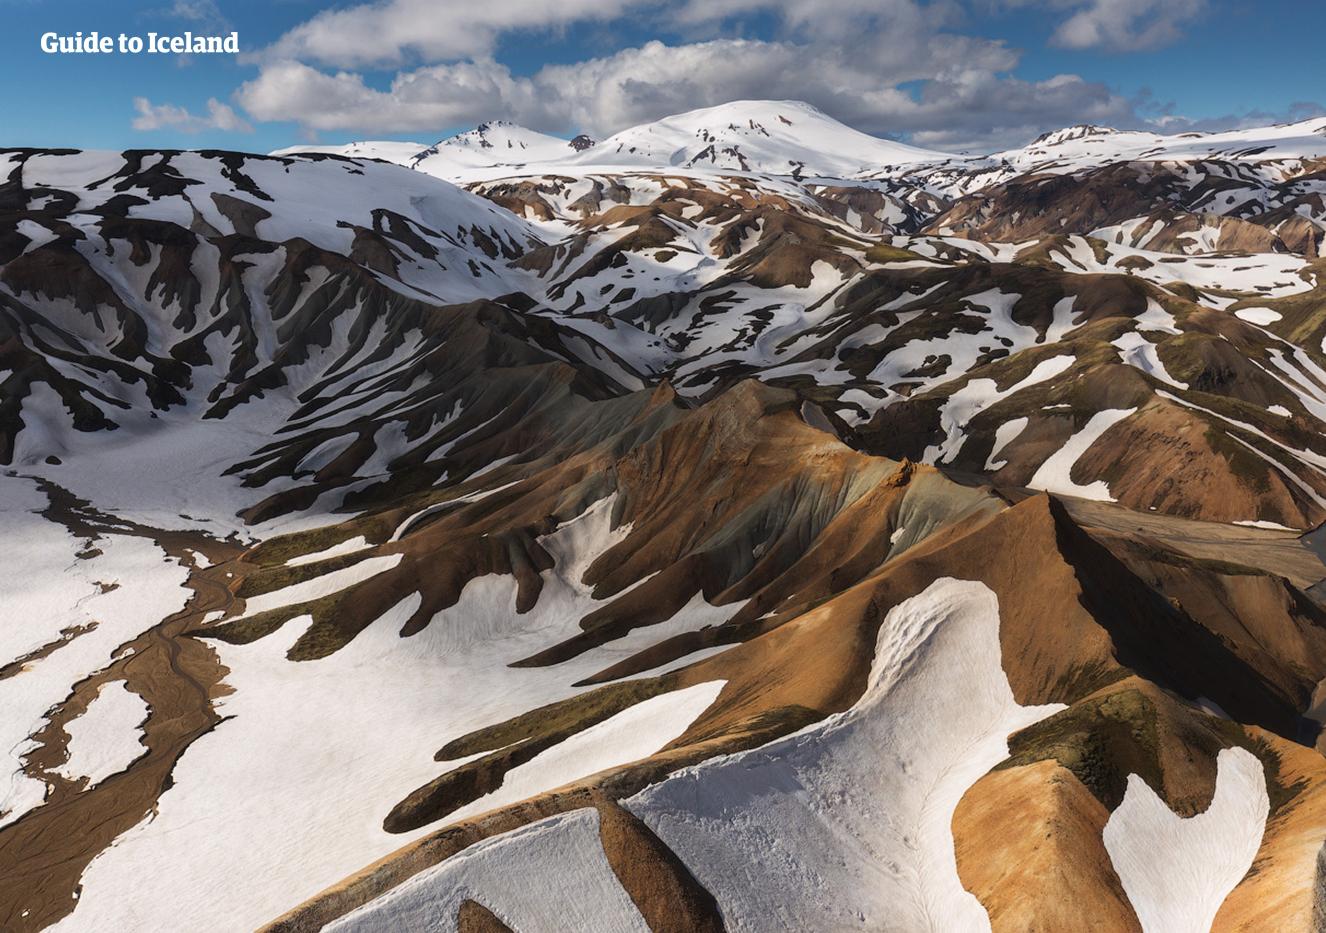 冰岛内陆高地兰德曼纳劳卡的冬日山川雪景